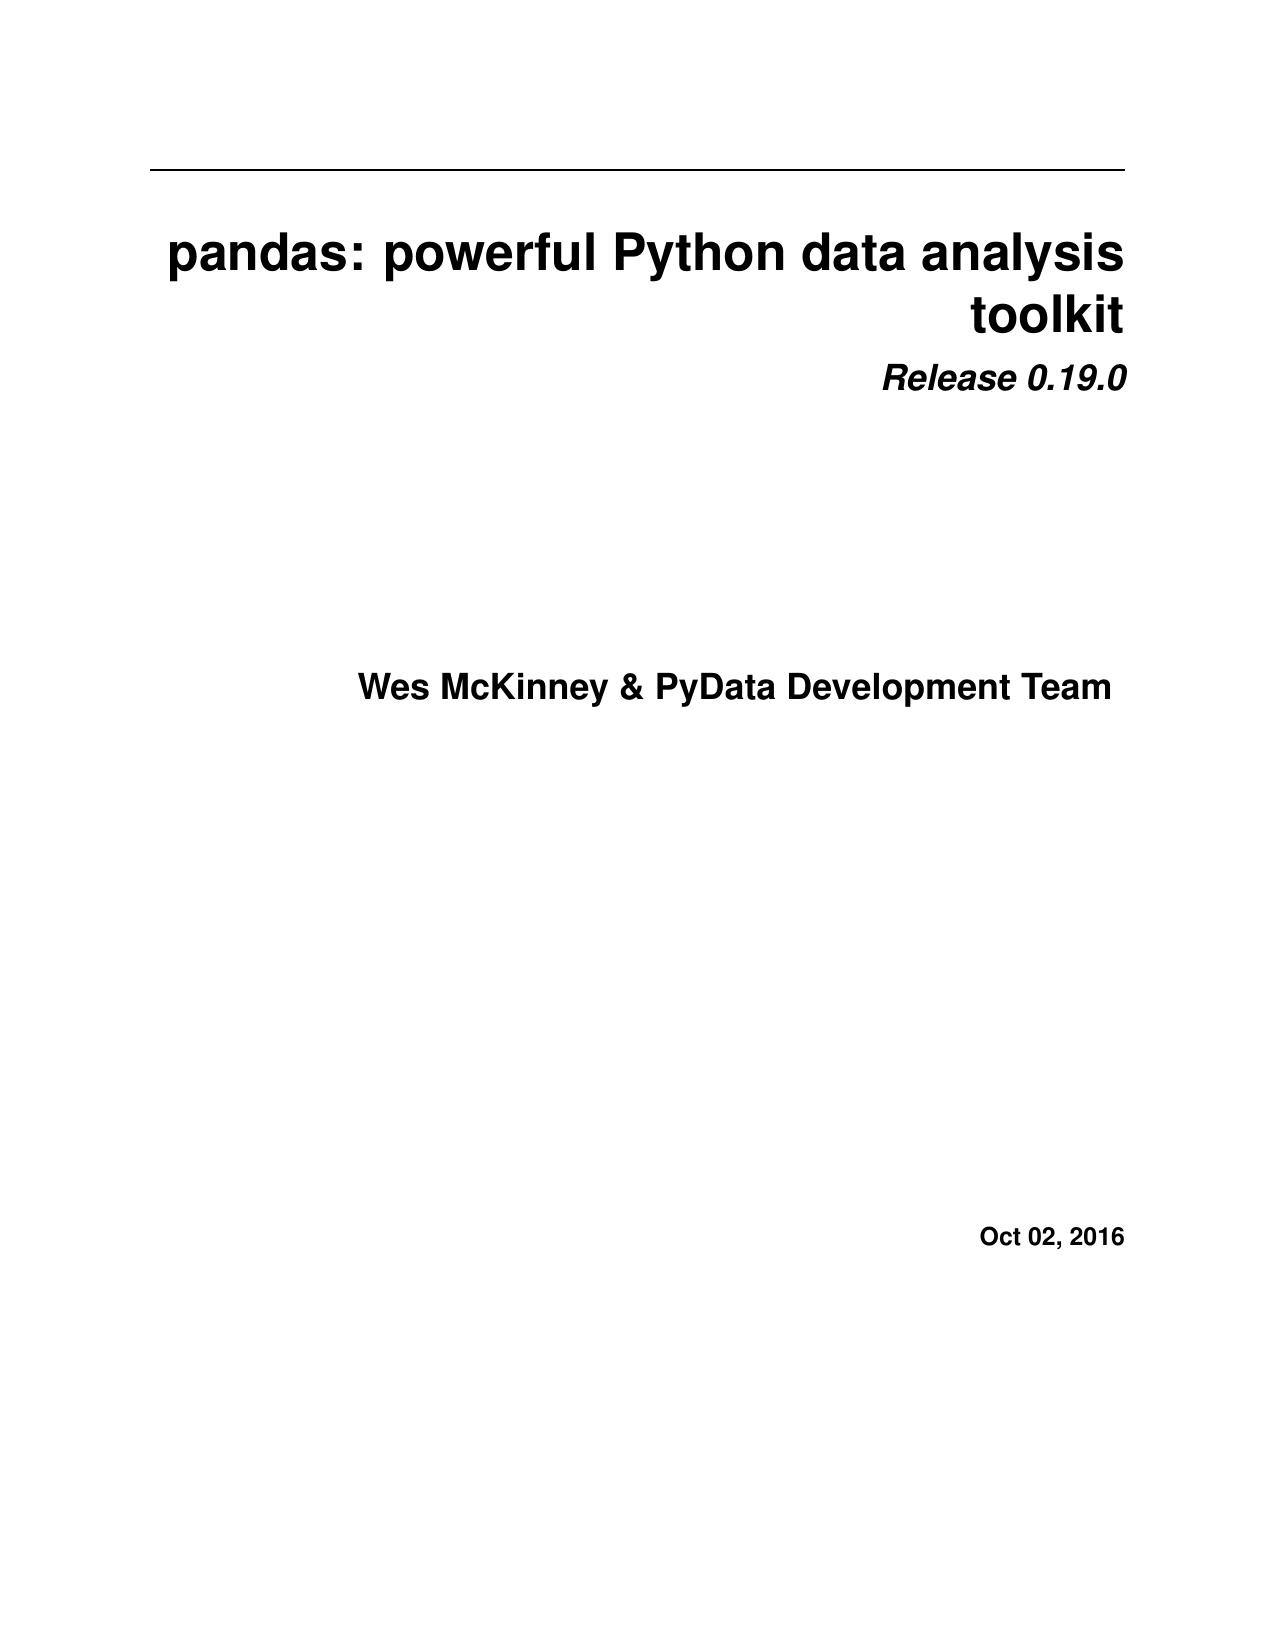 pandas: powerful Python data analysis toolkit   manualzz com